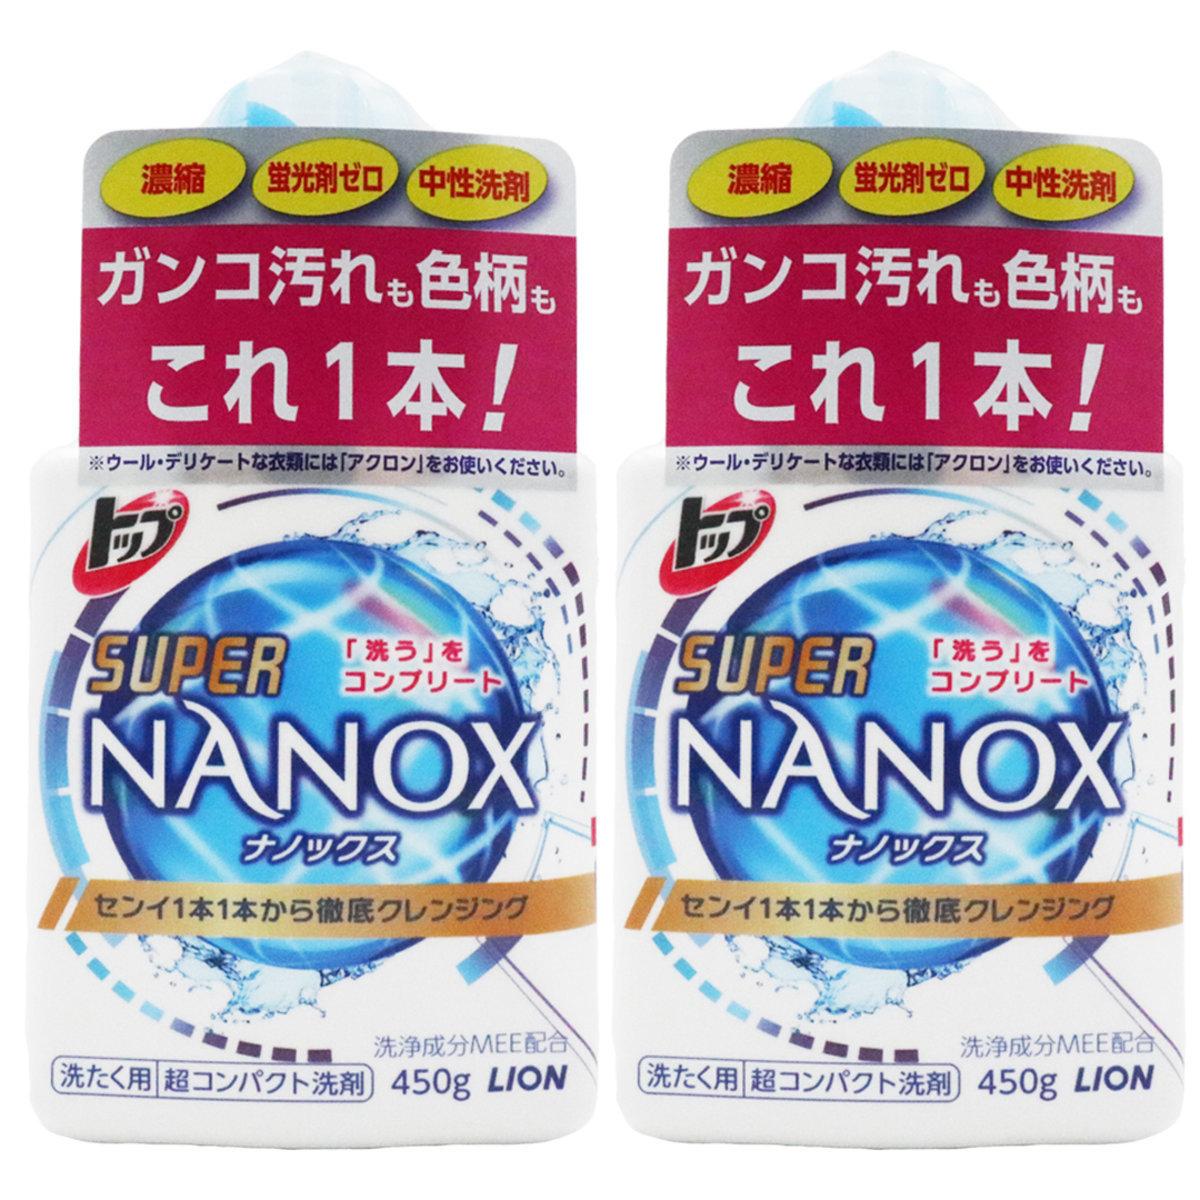 納米樂超濃縮洗衣液 450g x2